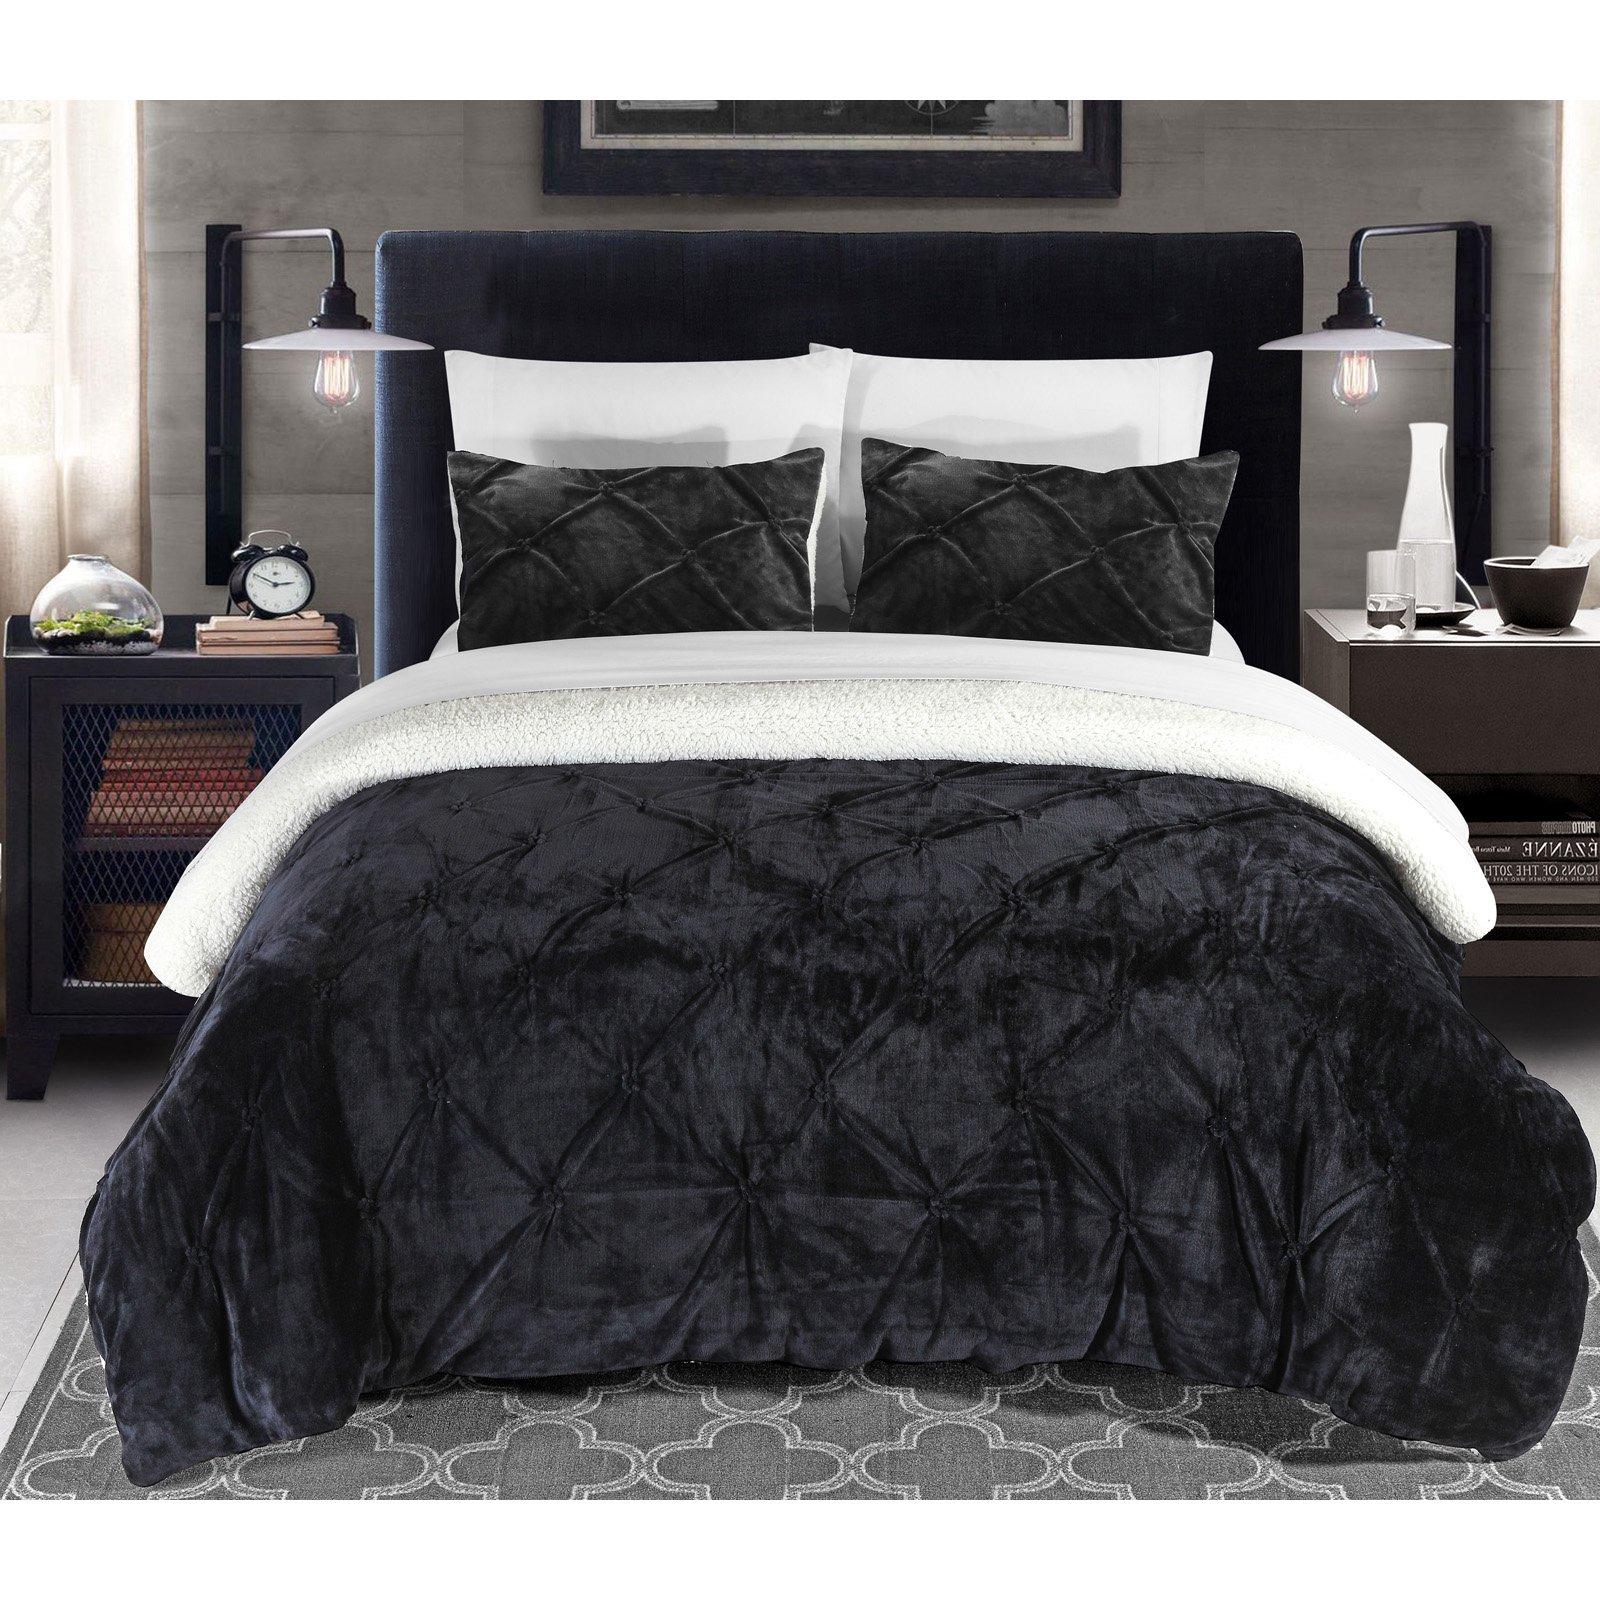 gray sherpa comforter